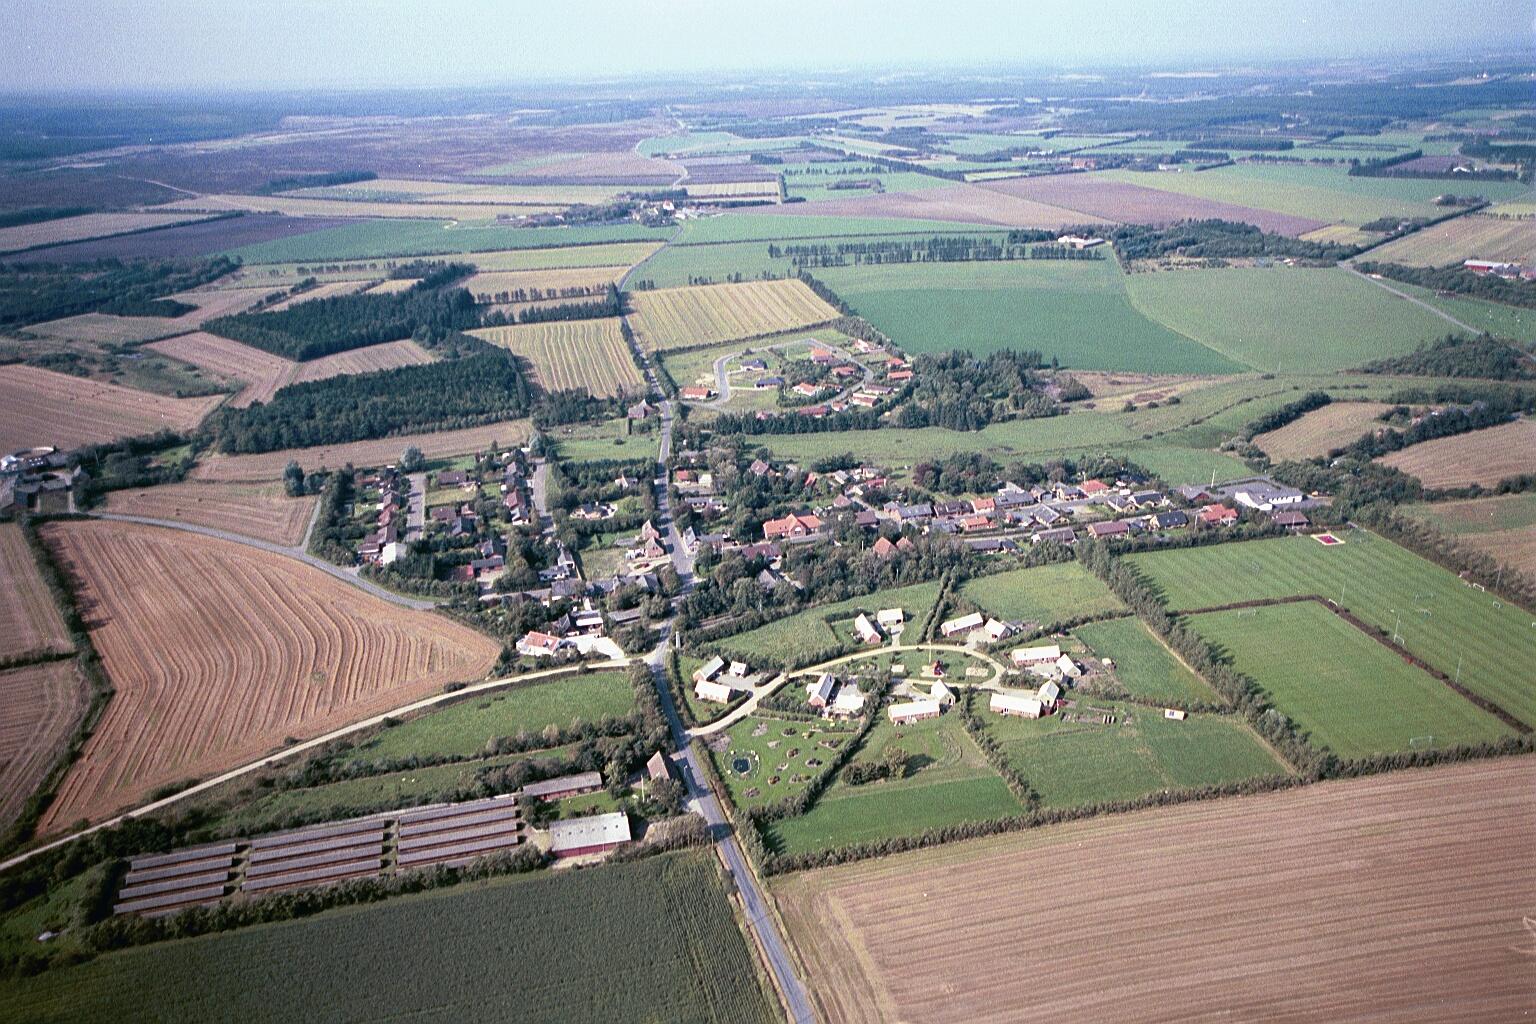 Vind set fra øst: Torvet i midten, Toftvej nederst, Ørnhøjvej op mod venstre, Holstebrovej ud mod højre, Vind Kirkevej øverst og Vind Kirkeby i fjerneste baggrund.